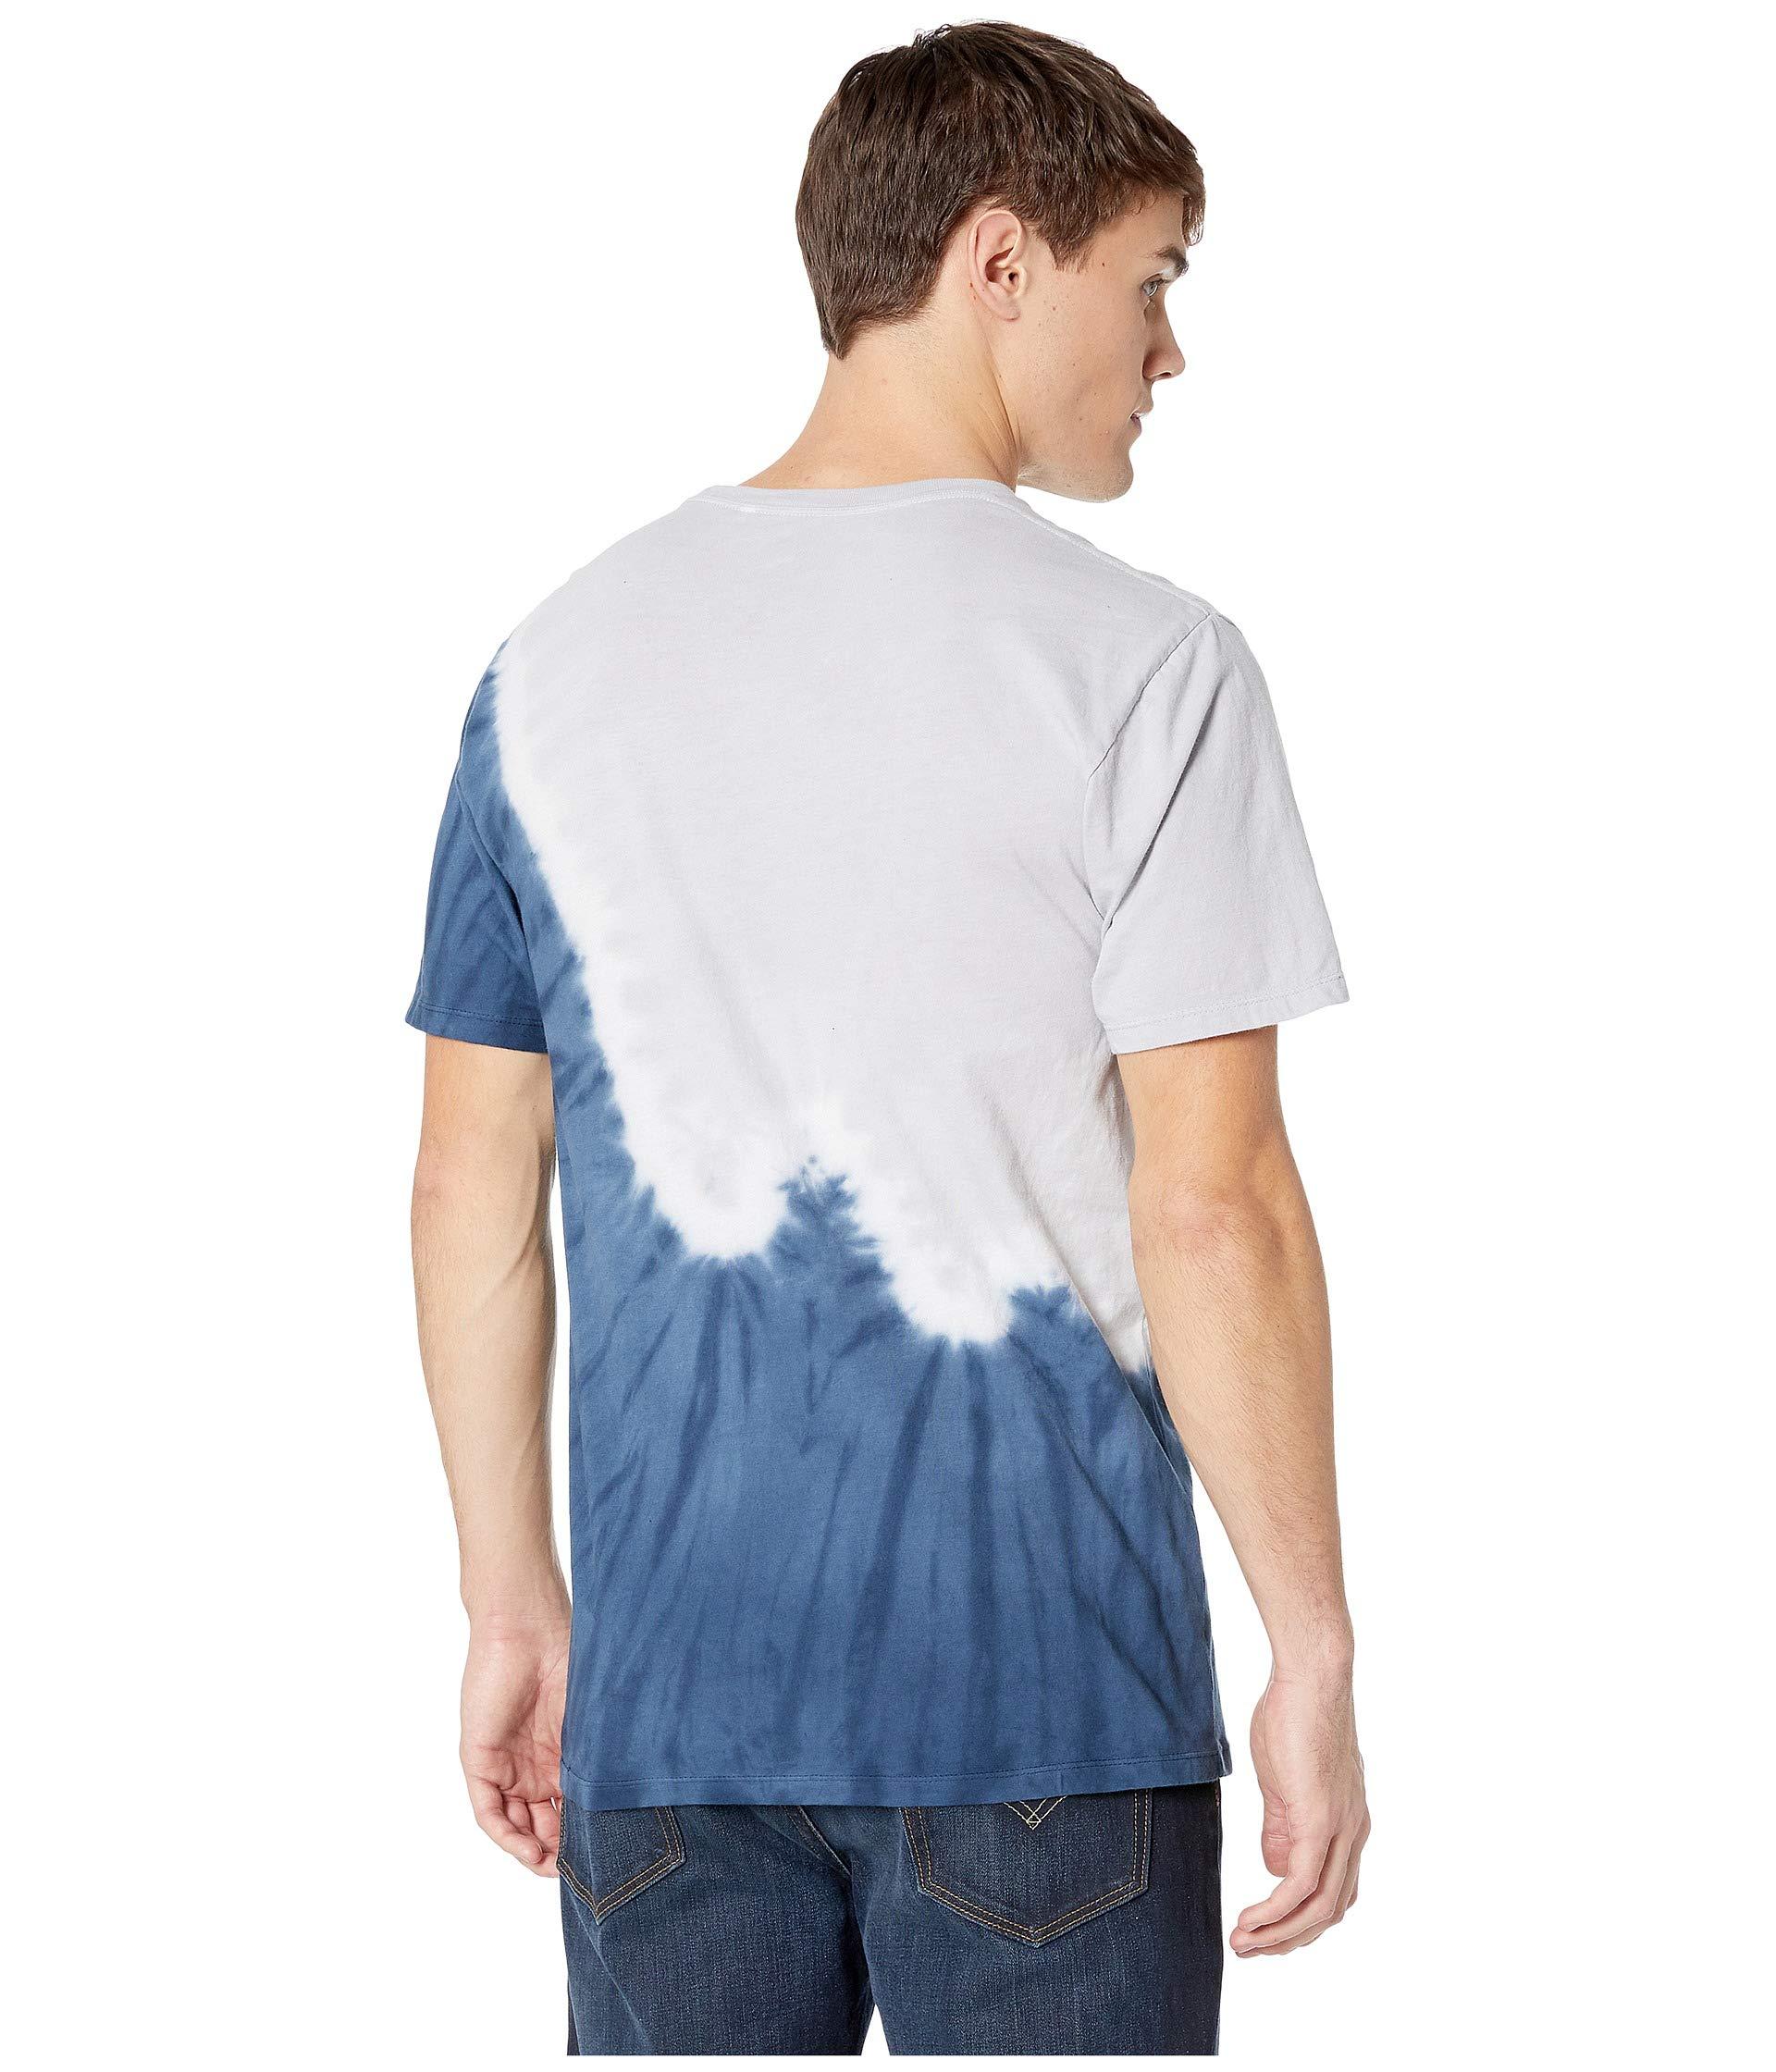 Short Tie Huf Mood dye Indigo Sleeve Peak Tee qUxaxwHn6S